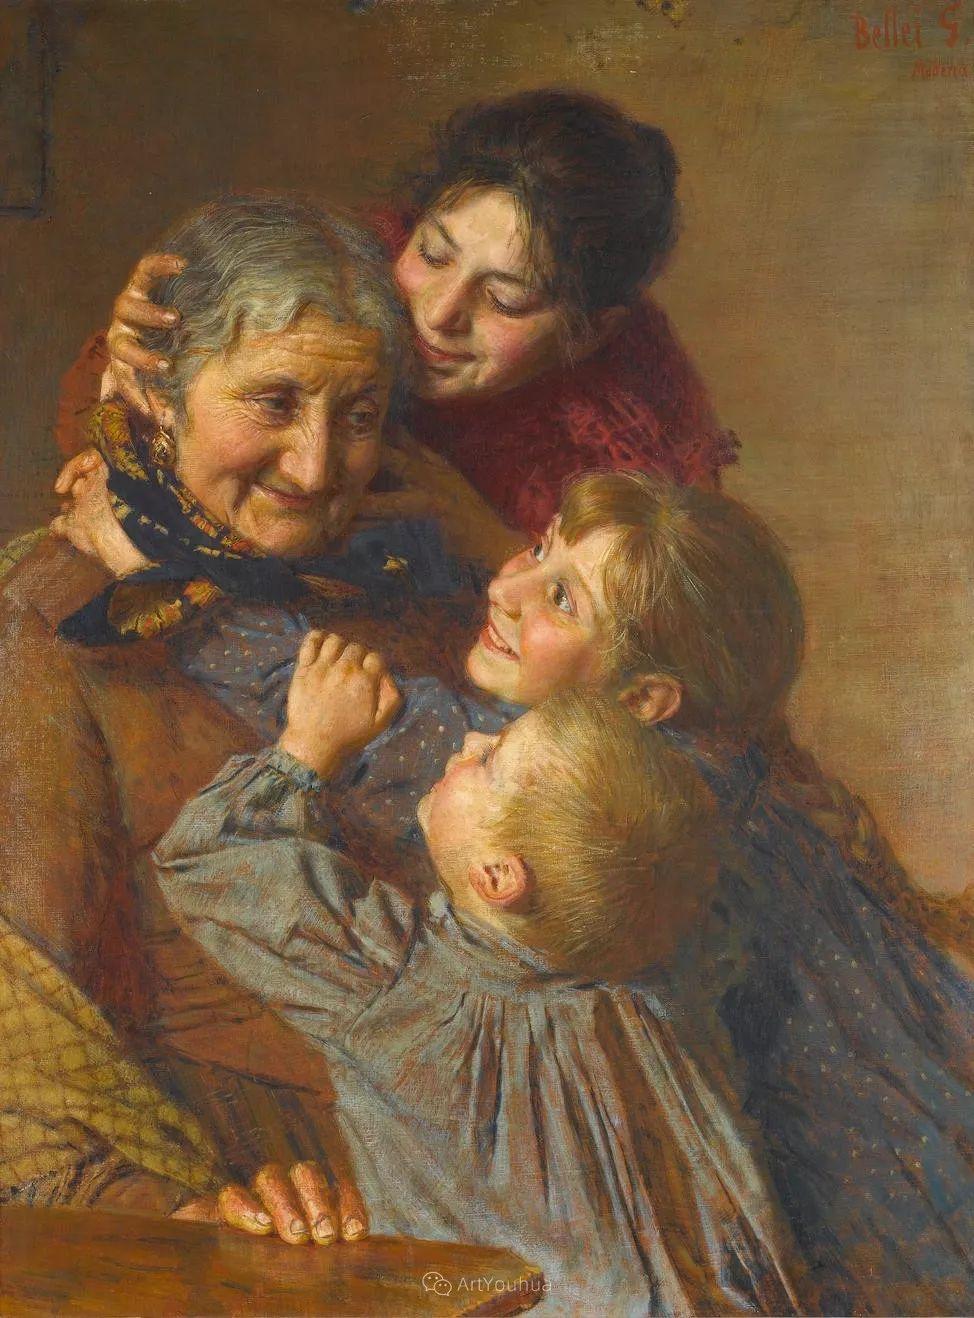 惟妙惟肖的肖像,意大利画家Gaetano Bellei插图1